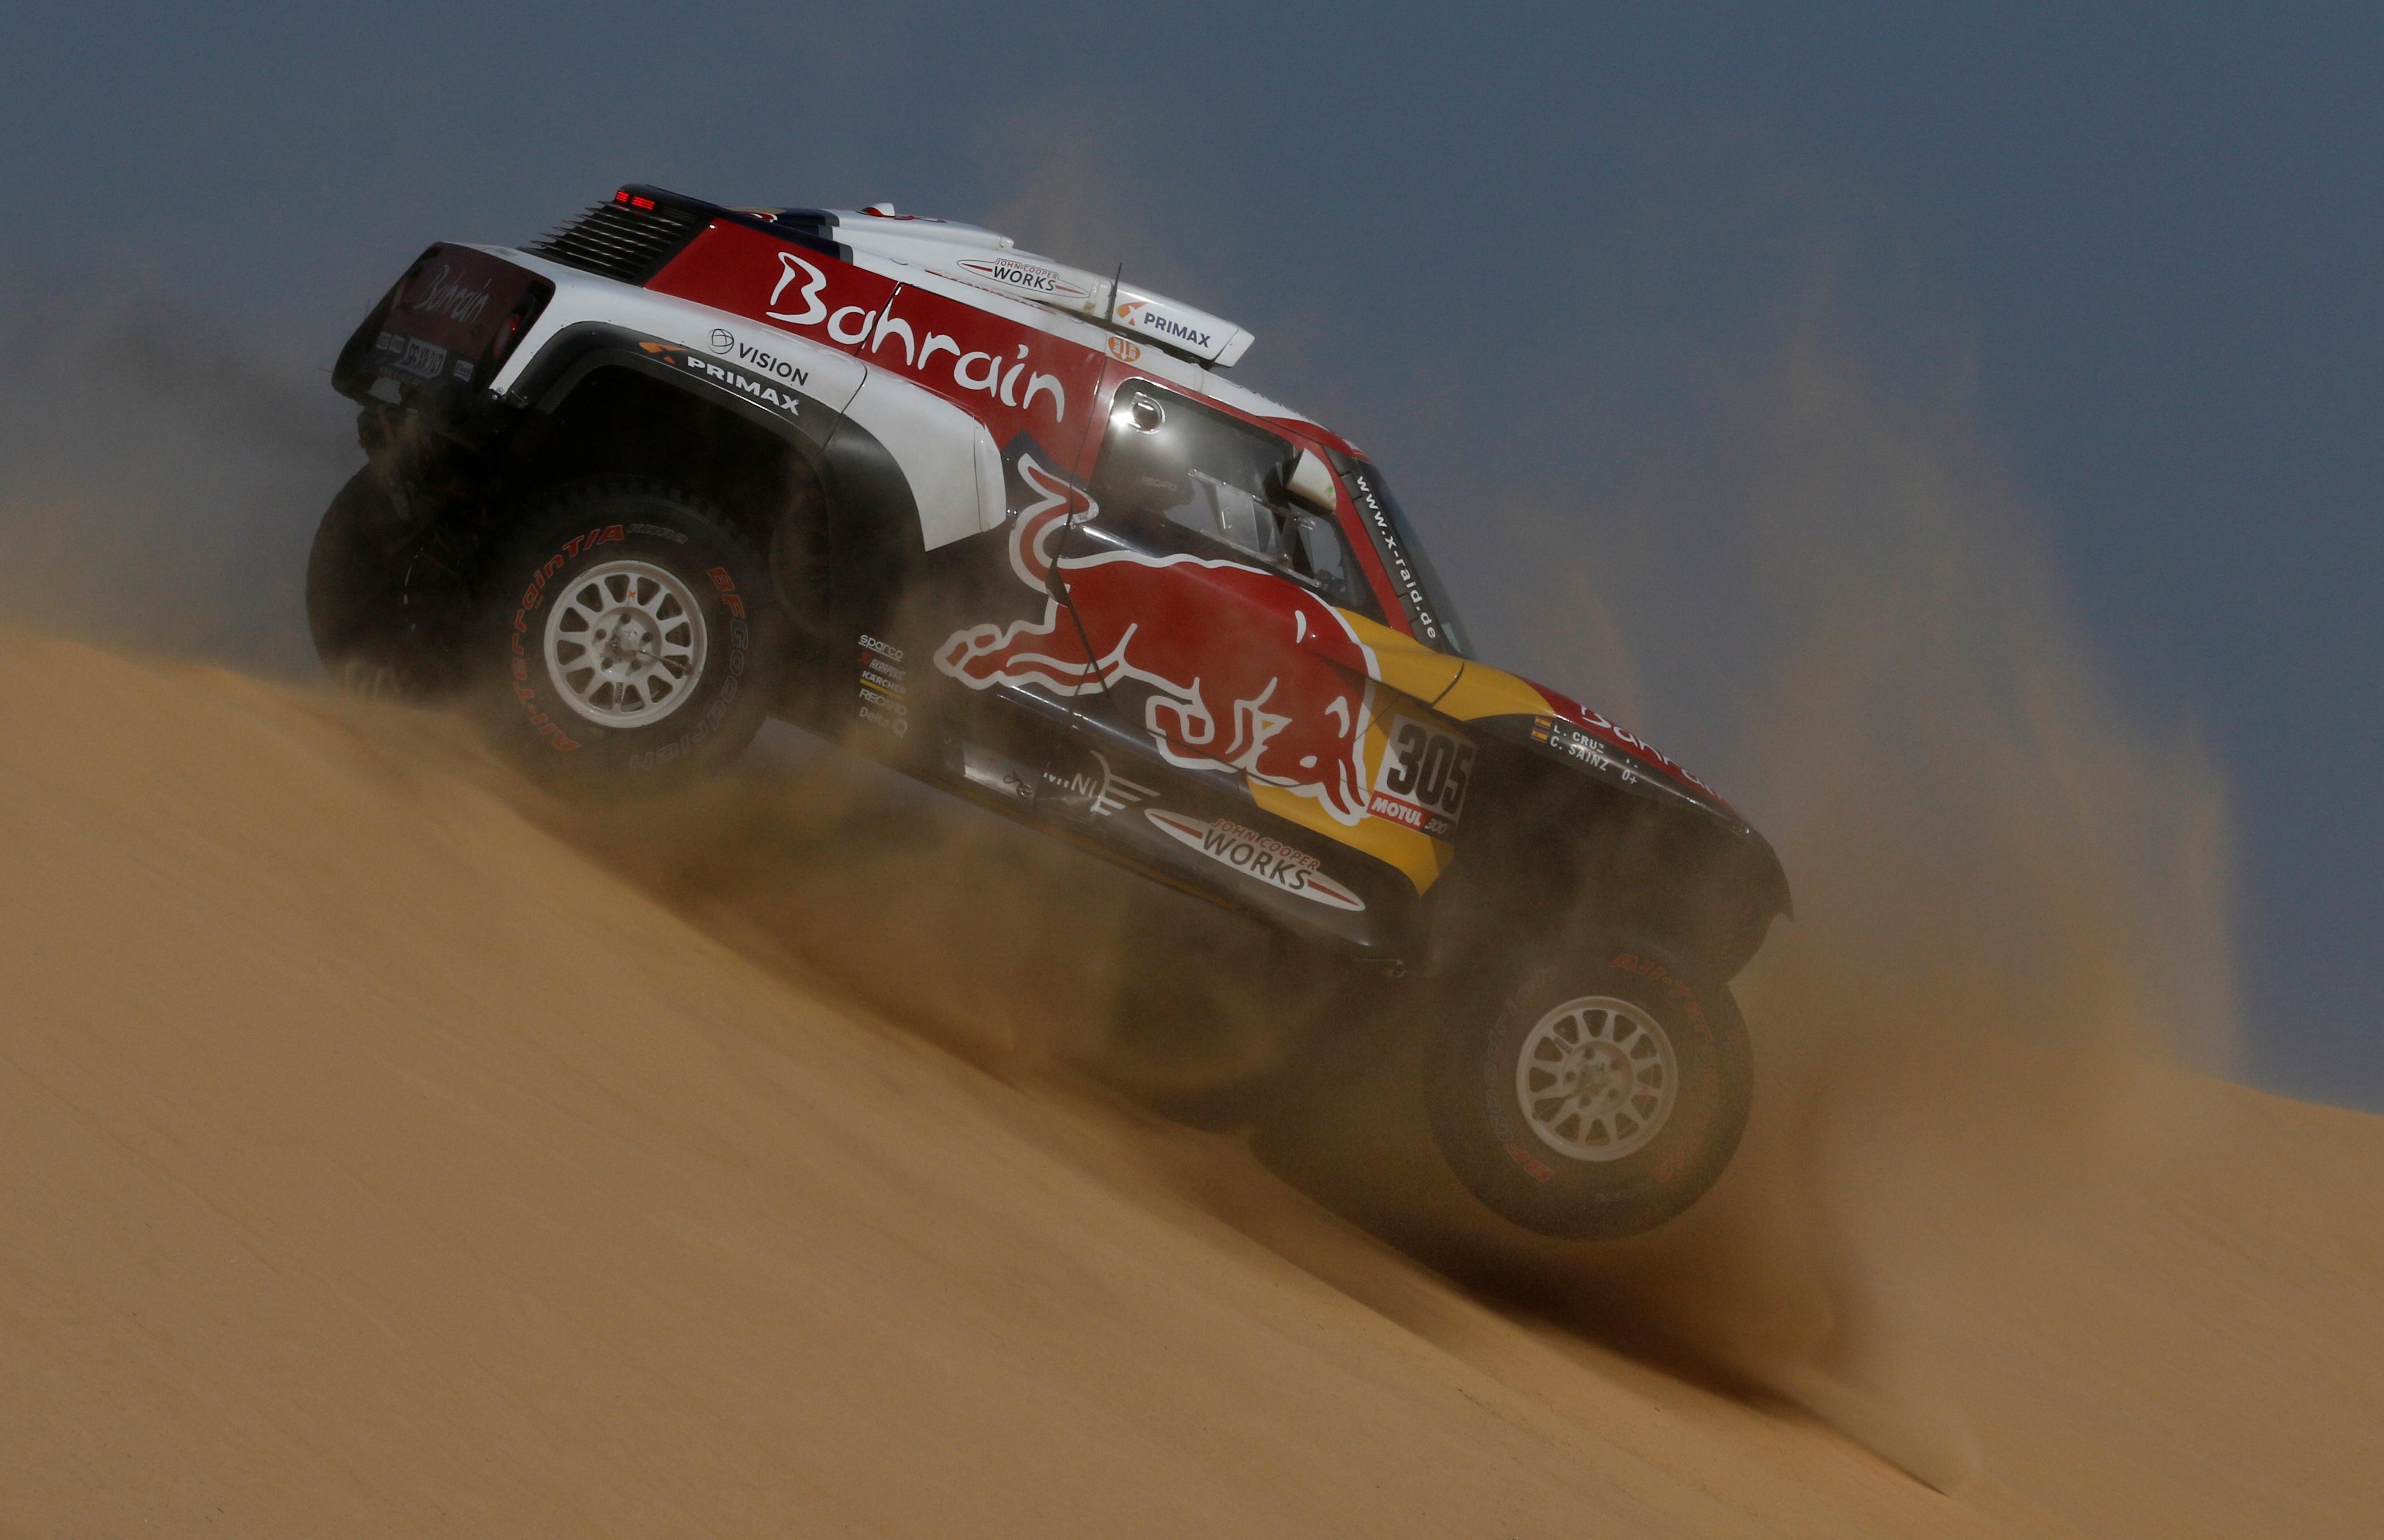 Los españoles Carlos Sainz (Mini) en autos y Joan Barreda Bort en motos (Honda) ganaron este miércoles la décima etapa del Dakar-2020, en una jornada en la que el primero consolidó su liderato en cuatro ruedas y el estadounidense Ricky Brabec (Honda) en dos